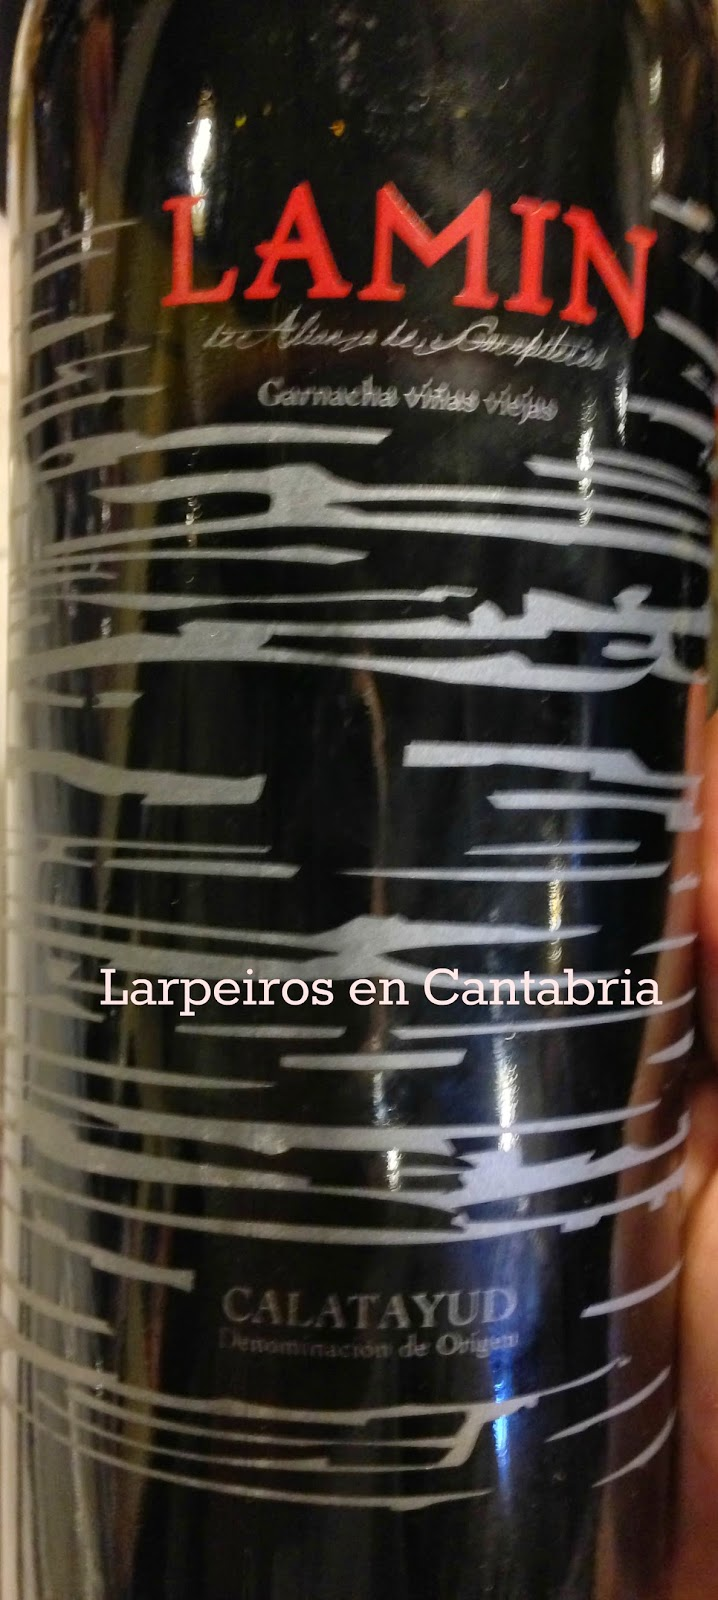 Vino Tinto Lamin 2009: Alianza de Garapiteros